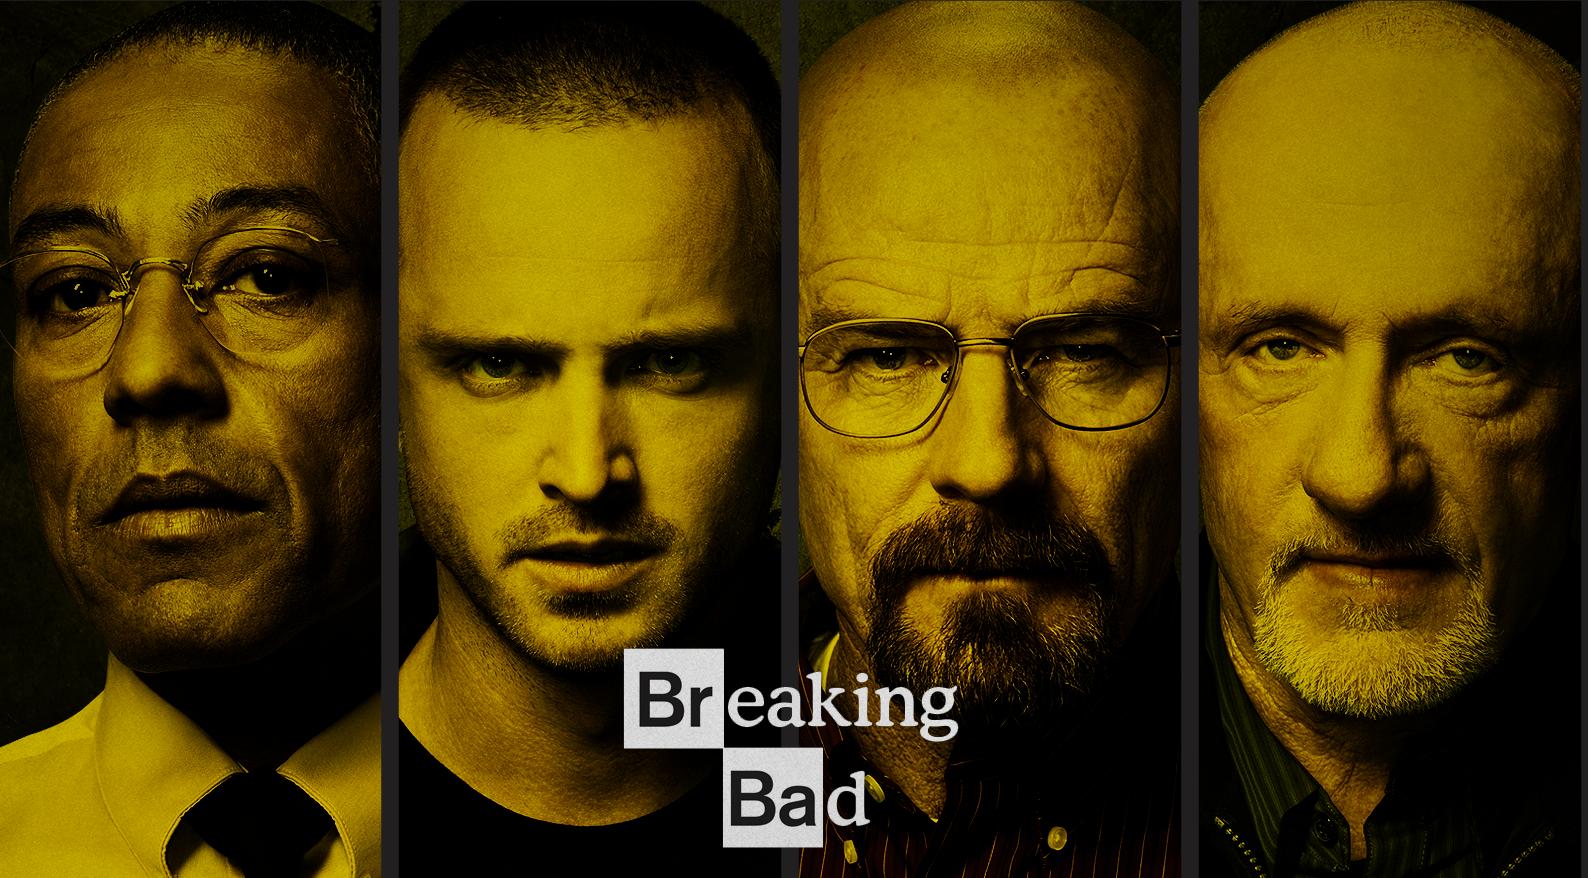 «بریکینگ بد»؛ معنای عنوان یکی از جذابترین و پرطرفدارترین سریالهای تاریخ چیست؟